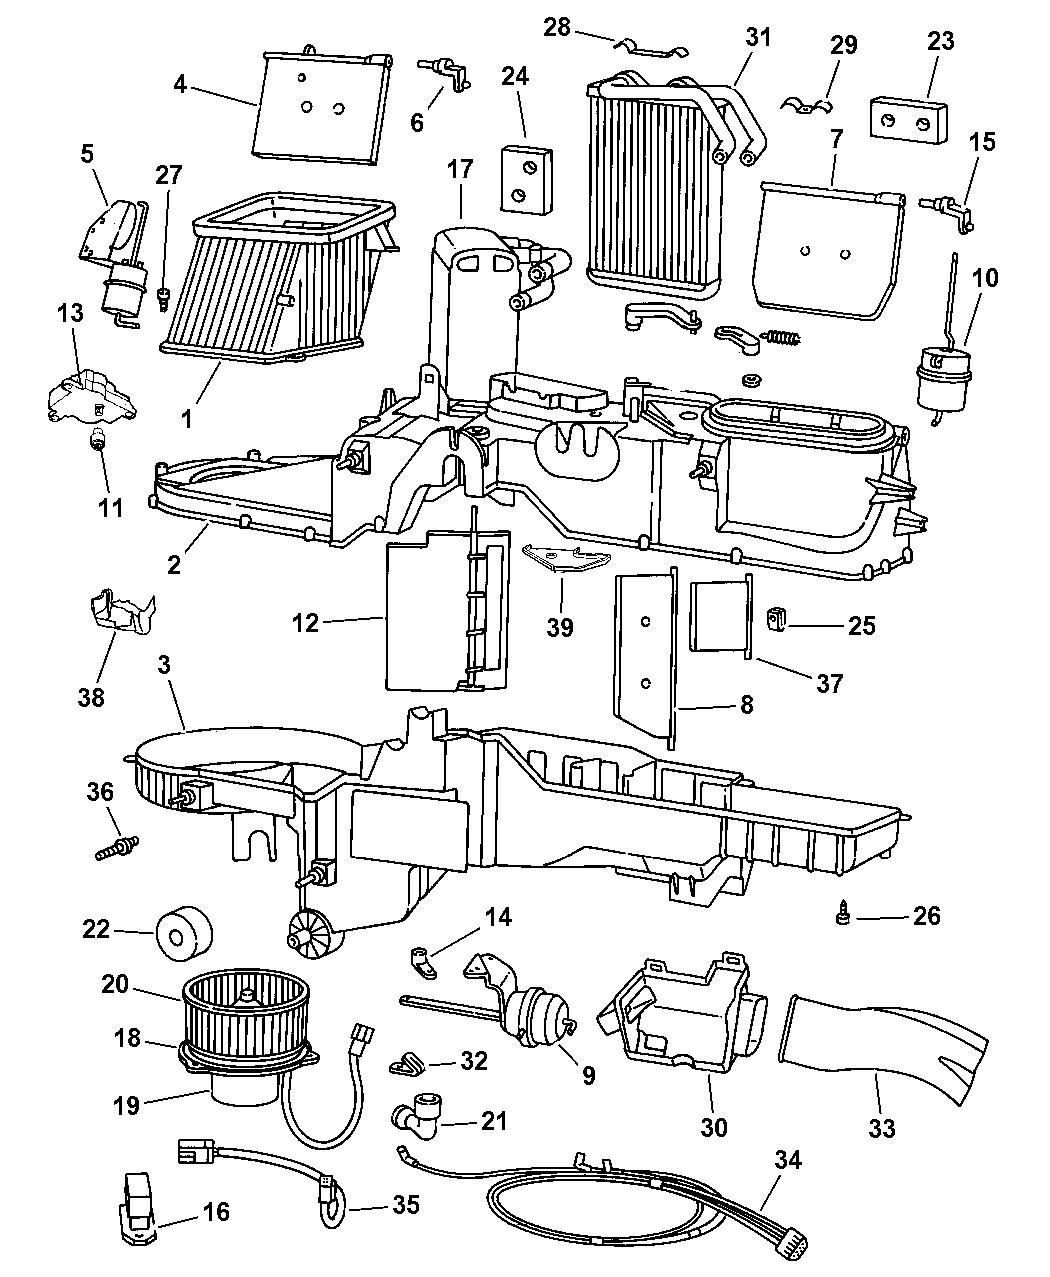 4746208ab Genuine Mopar Harness A C And Heater Vacuum 33 Dodge 2002 Engine Diagram Ram 2500 Quad Club Cab Air Conditioner Unit